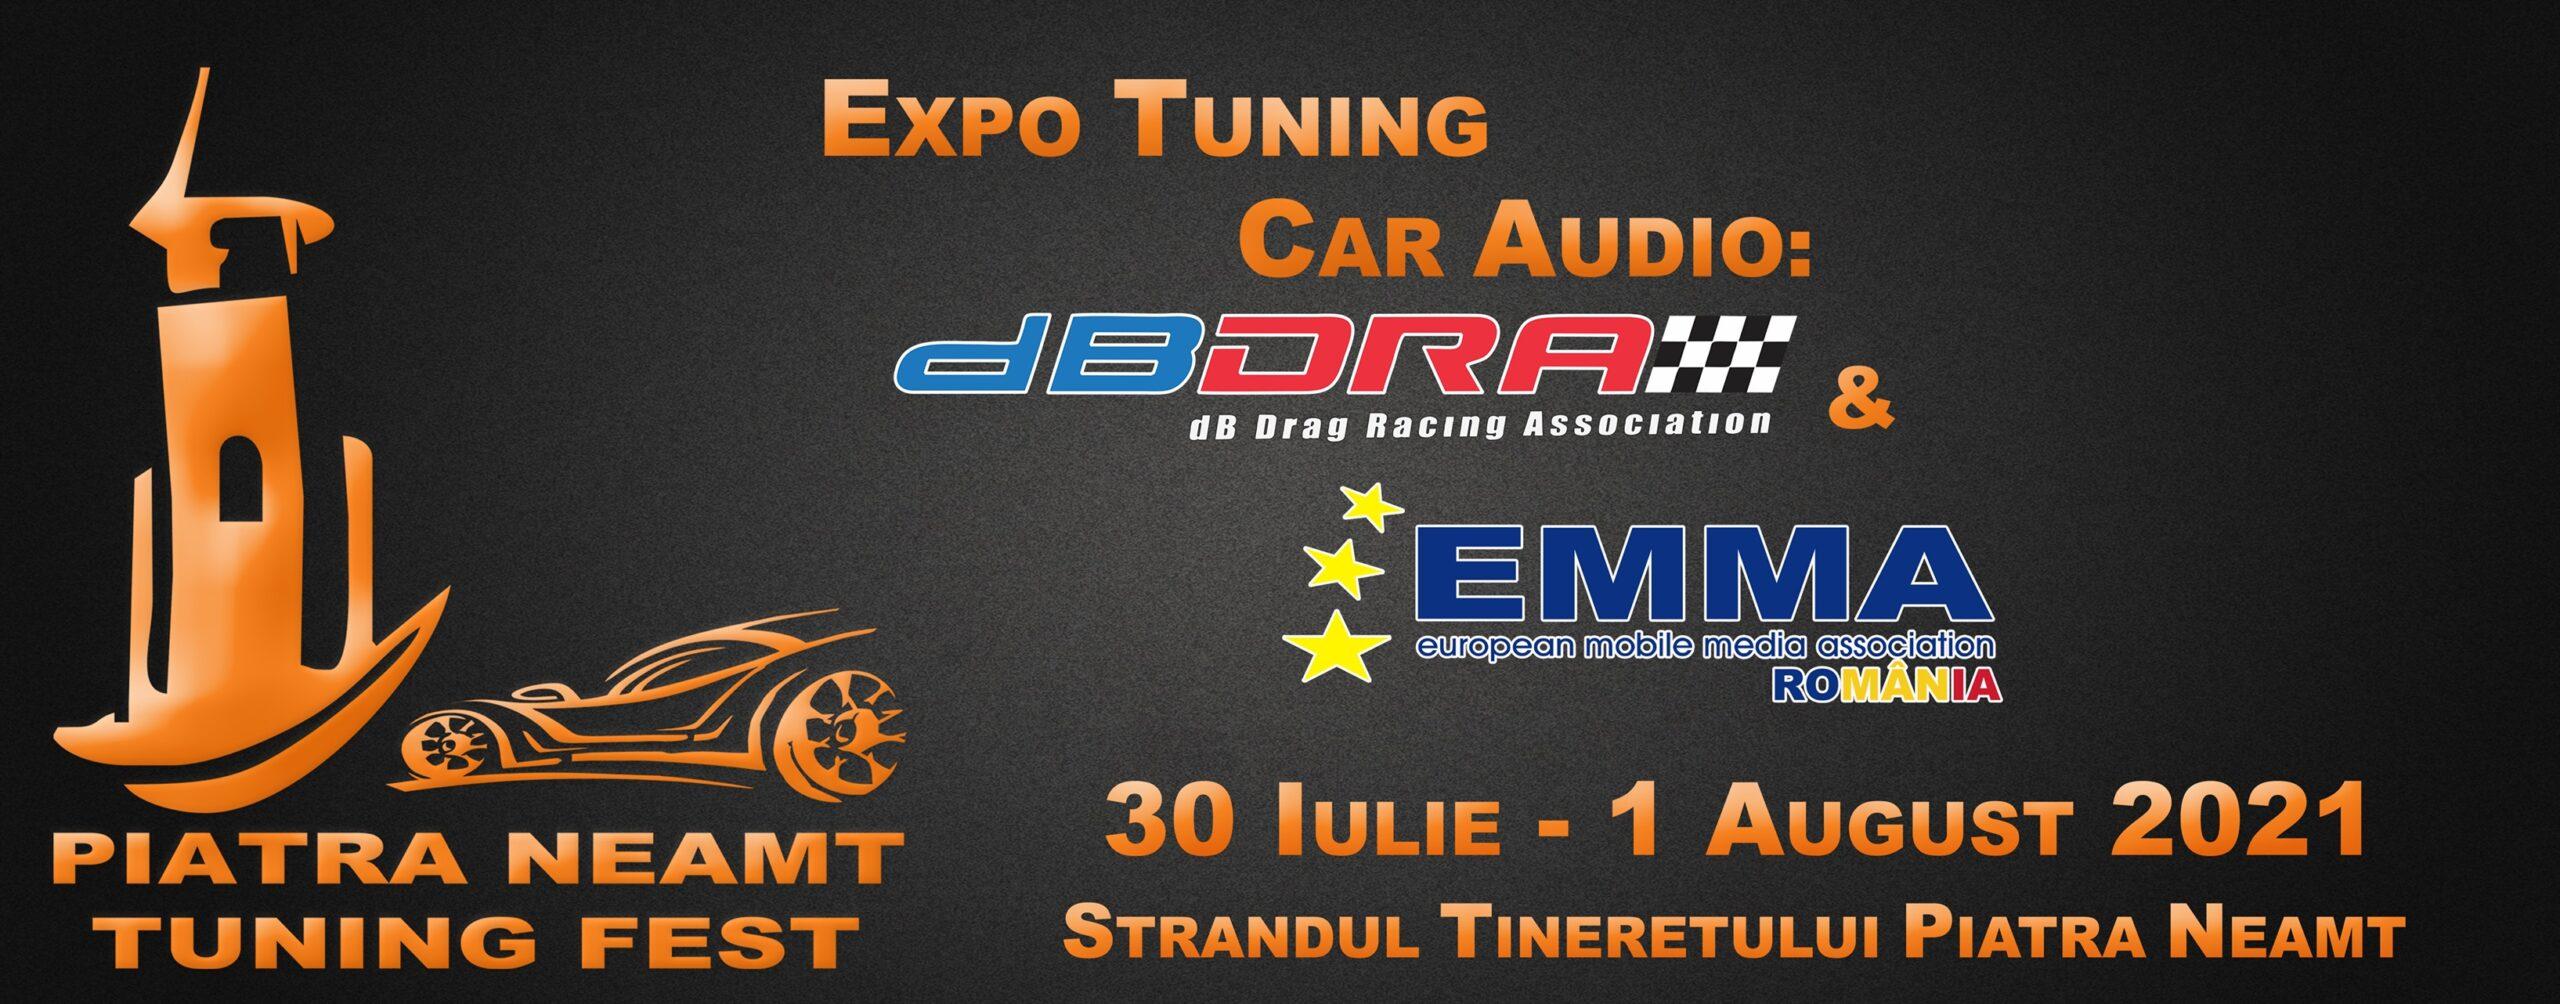 Piatra Neamț Tuning Fest, în perioada 30 iulie – 01 august